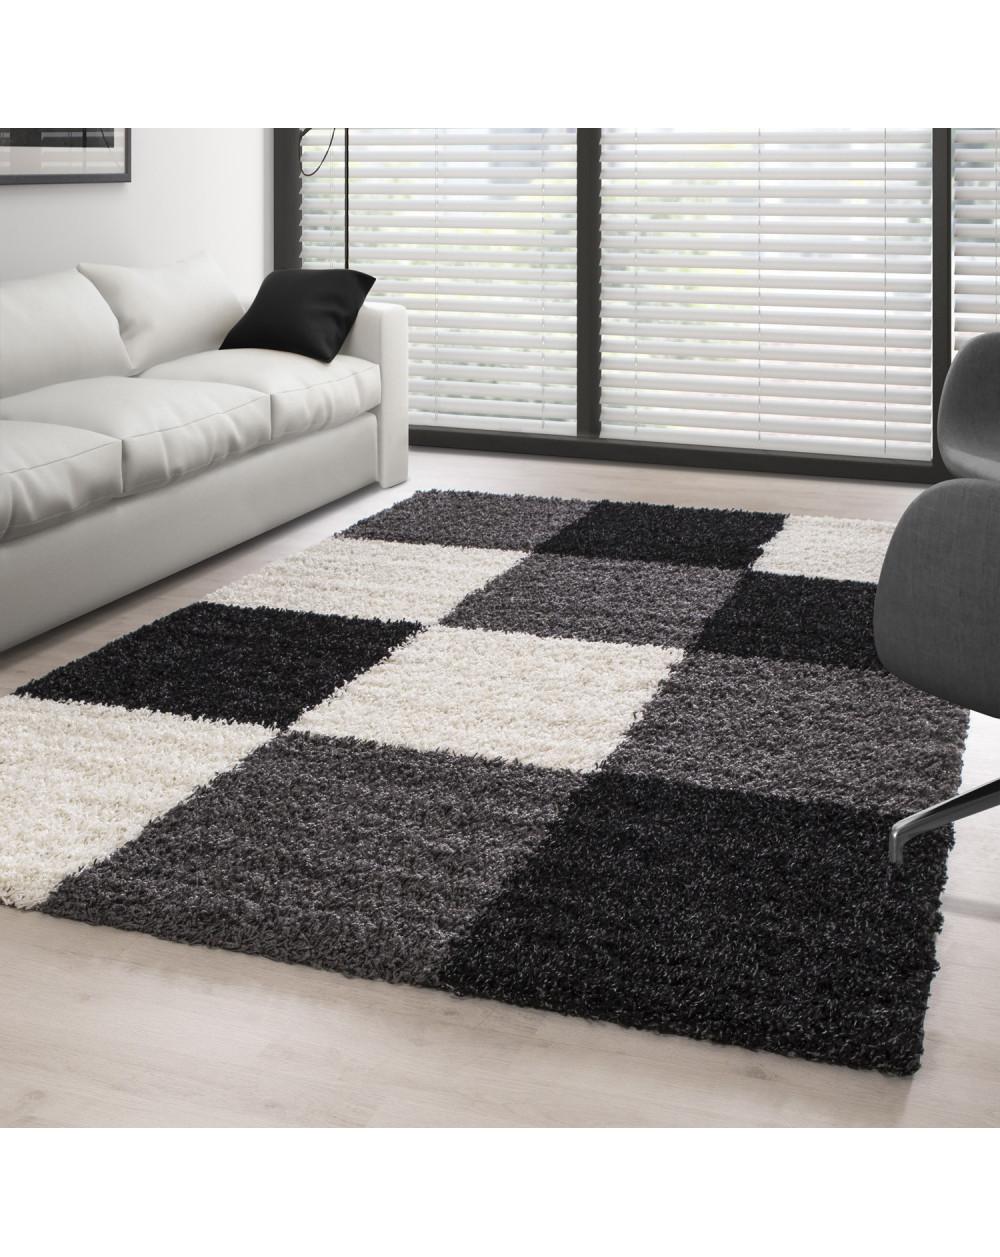 Teppich Hochflor Langflor Wohnzimmer günstig Shaggy kariert Schwarz Weiss  Grau Größe 60x110 cm